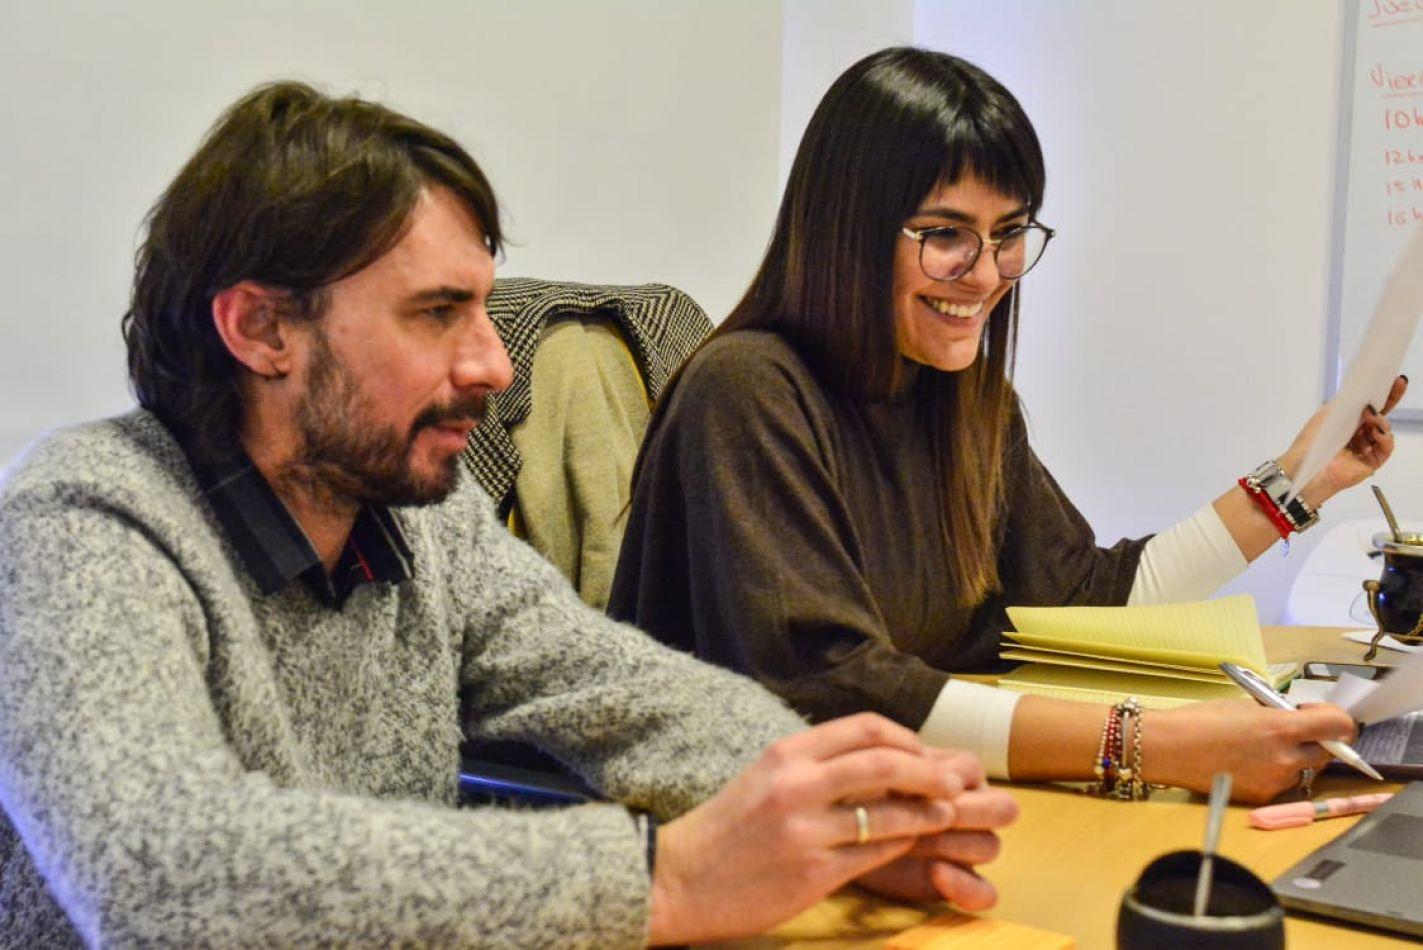 Reunión de trabajo con responsables de comedores y merenderos de Ushuaia